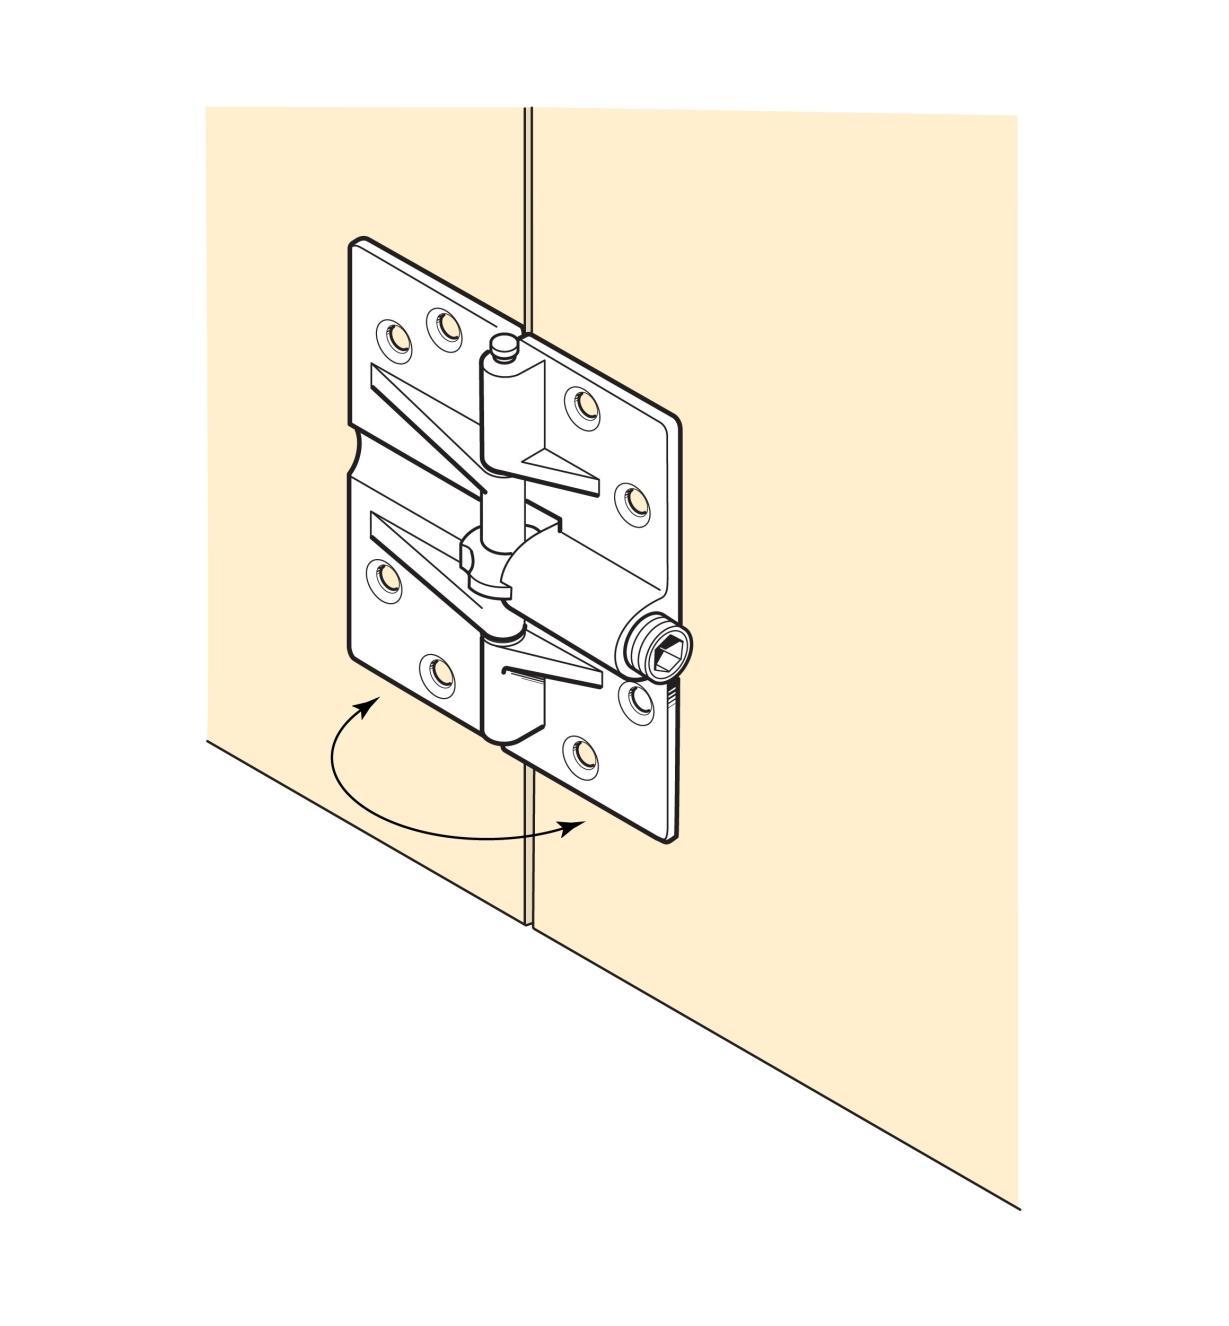 00H3790 - Double Locking Hinges, pr.